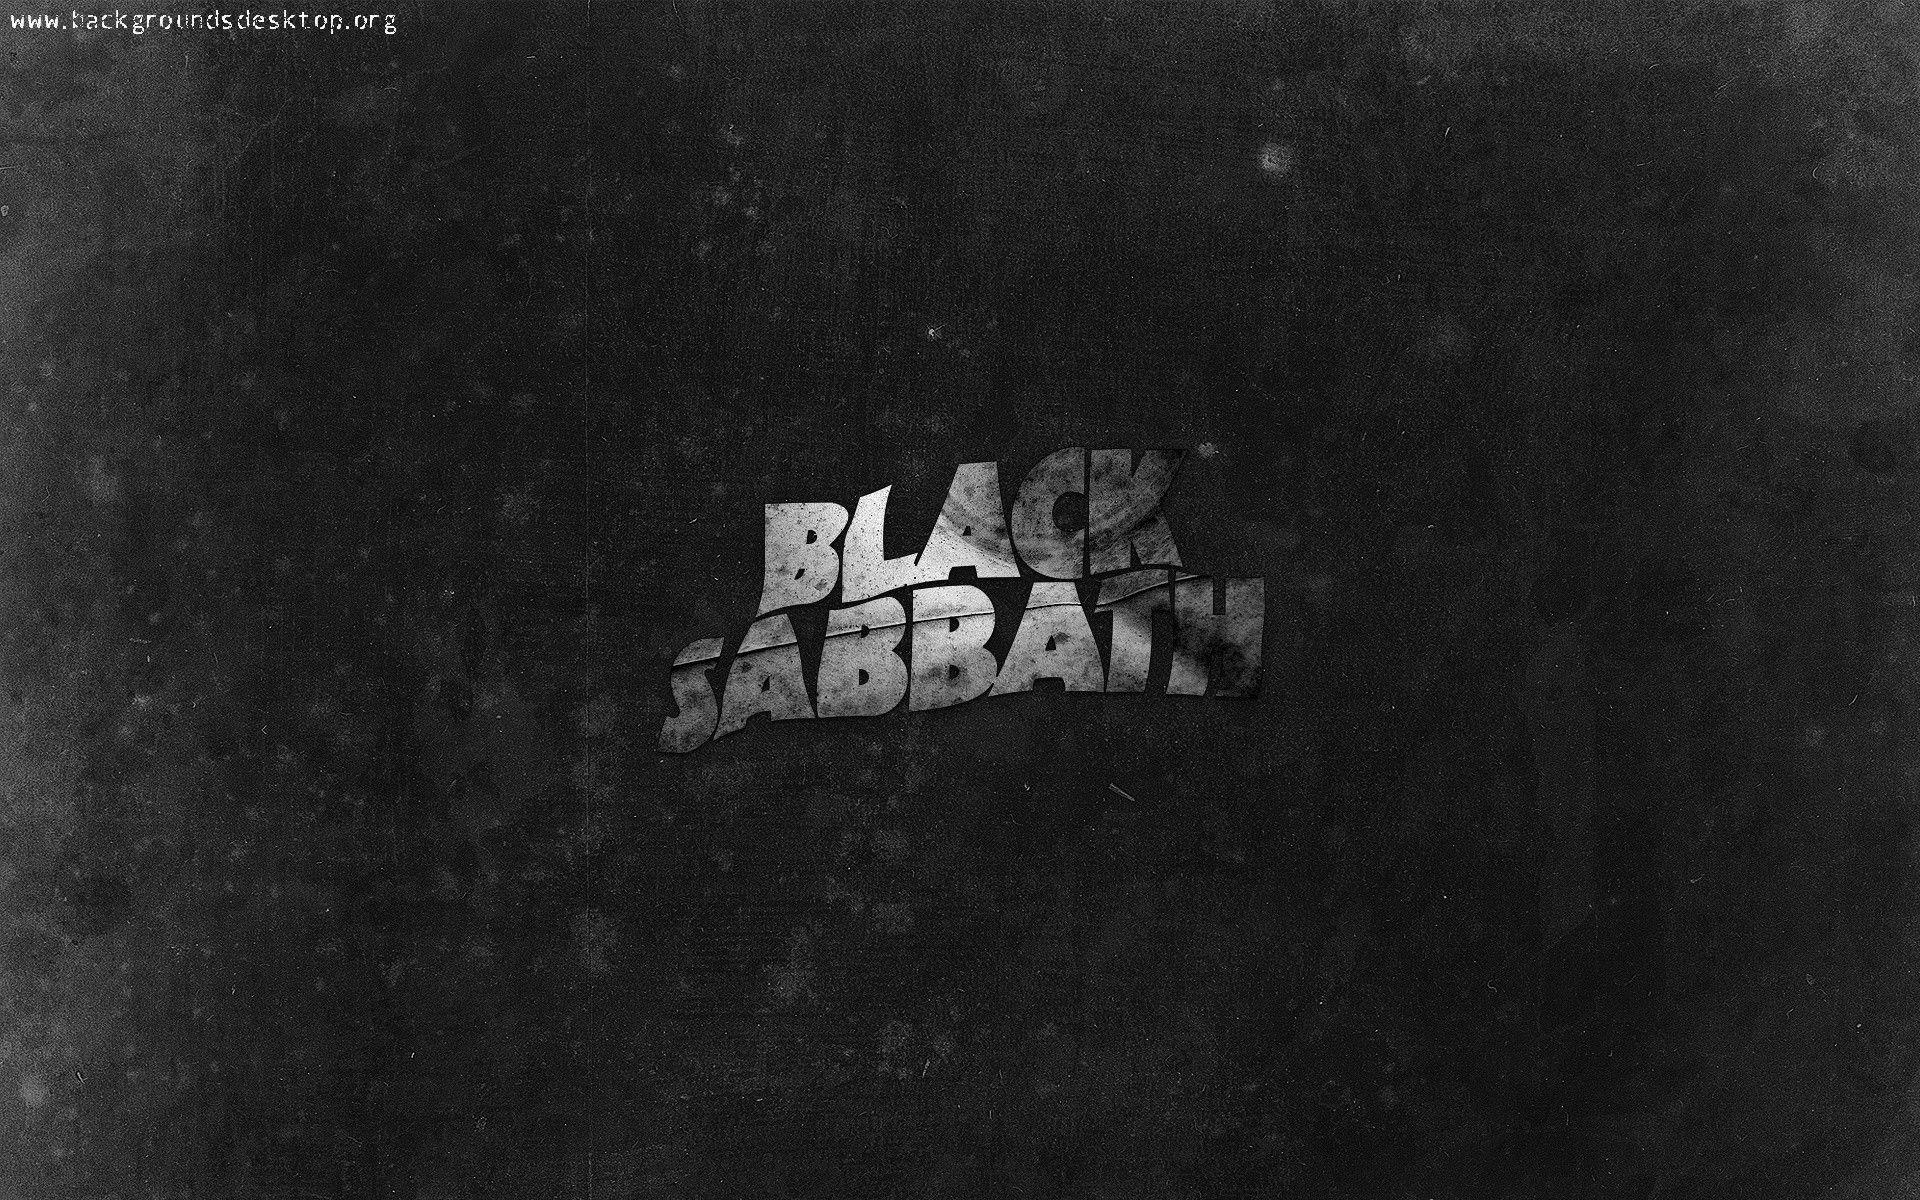 1920x1200 black sabbath wallpapers 3289 hd wallpapers pictwalls